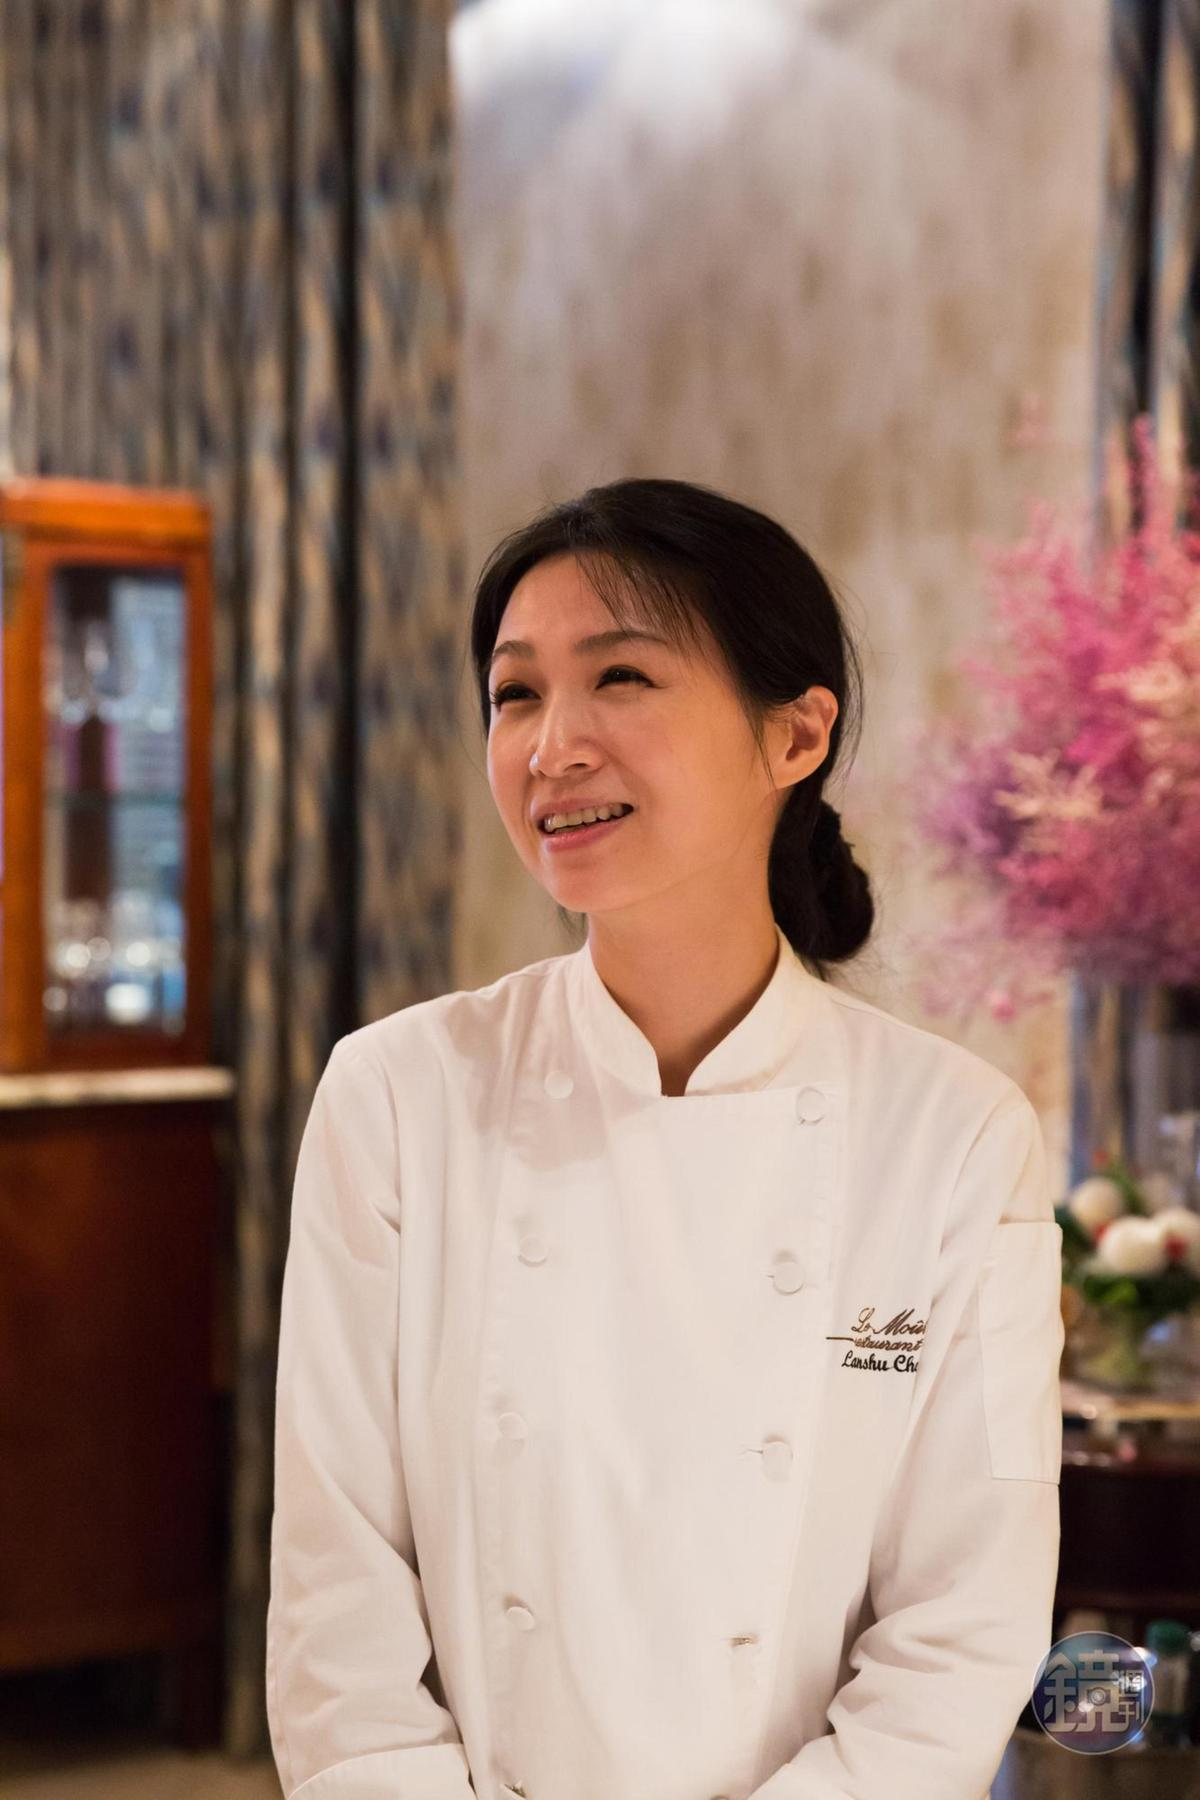 樂沐主廚陳嵐舒曾獲「亞洲最佳女主廚」,餐廳在國際間也廣受好評。